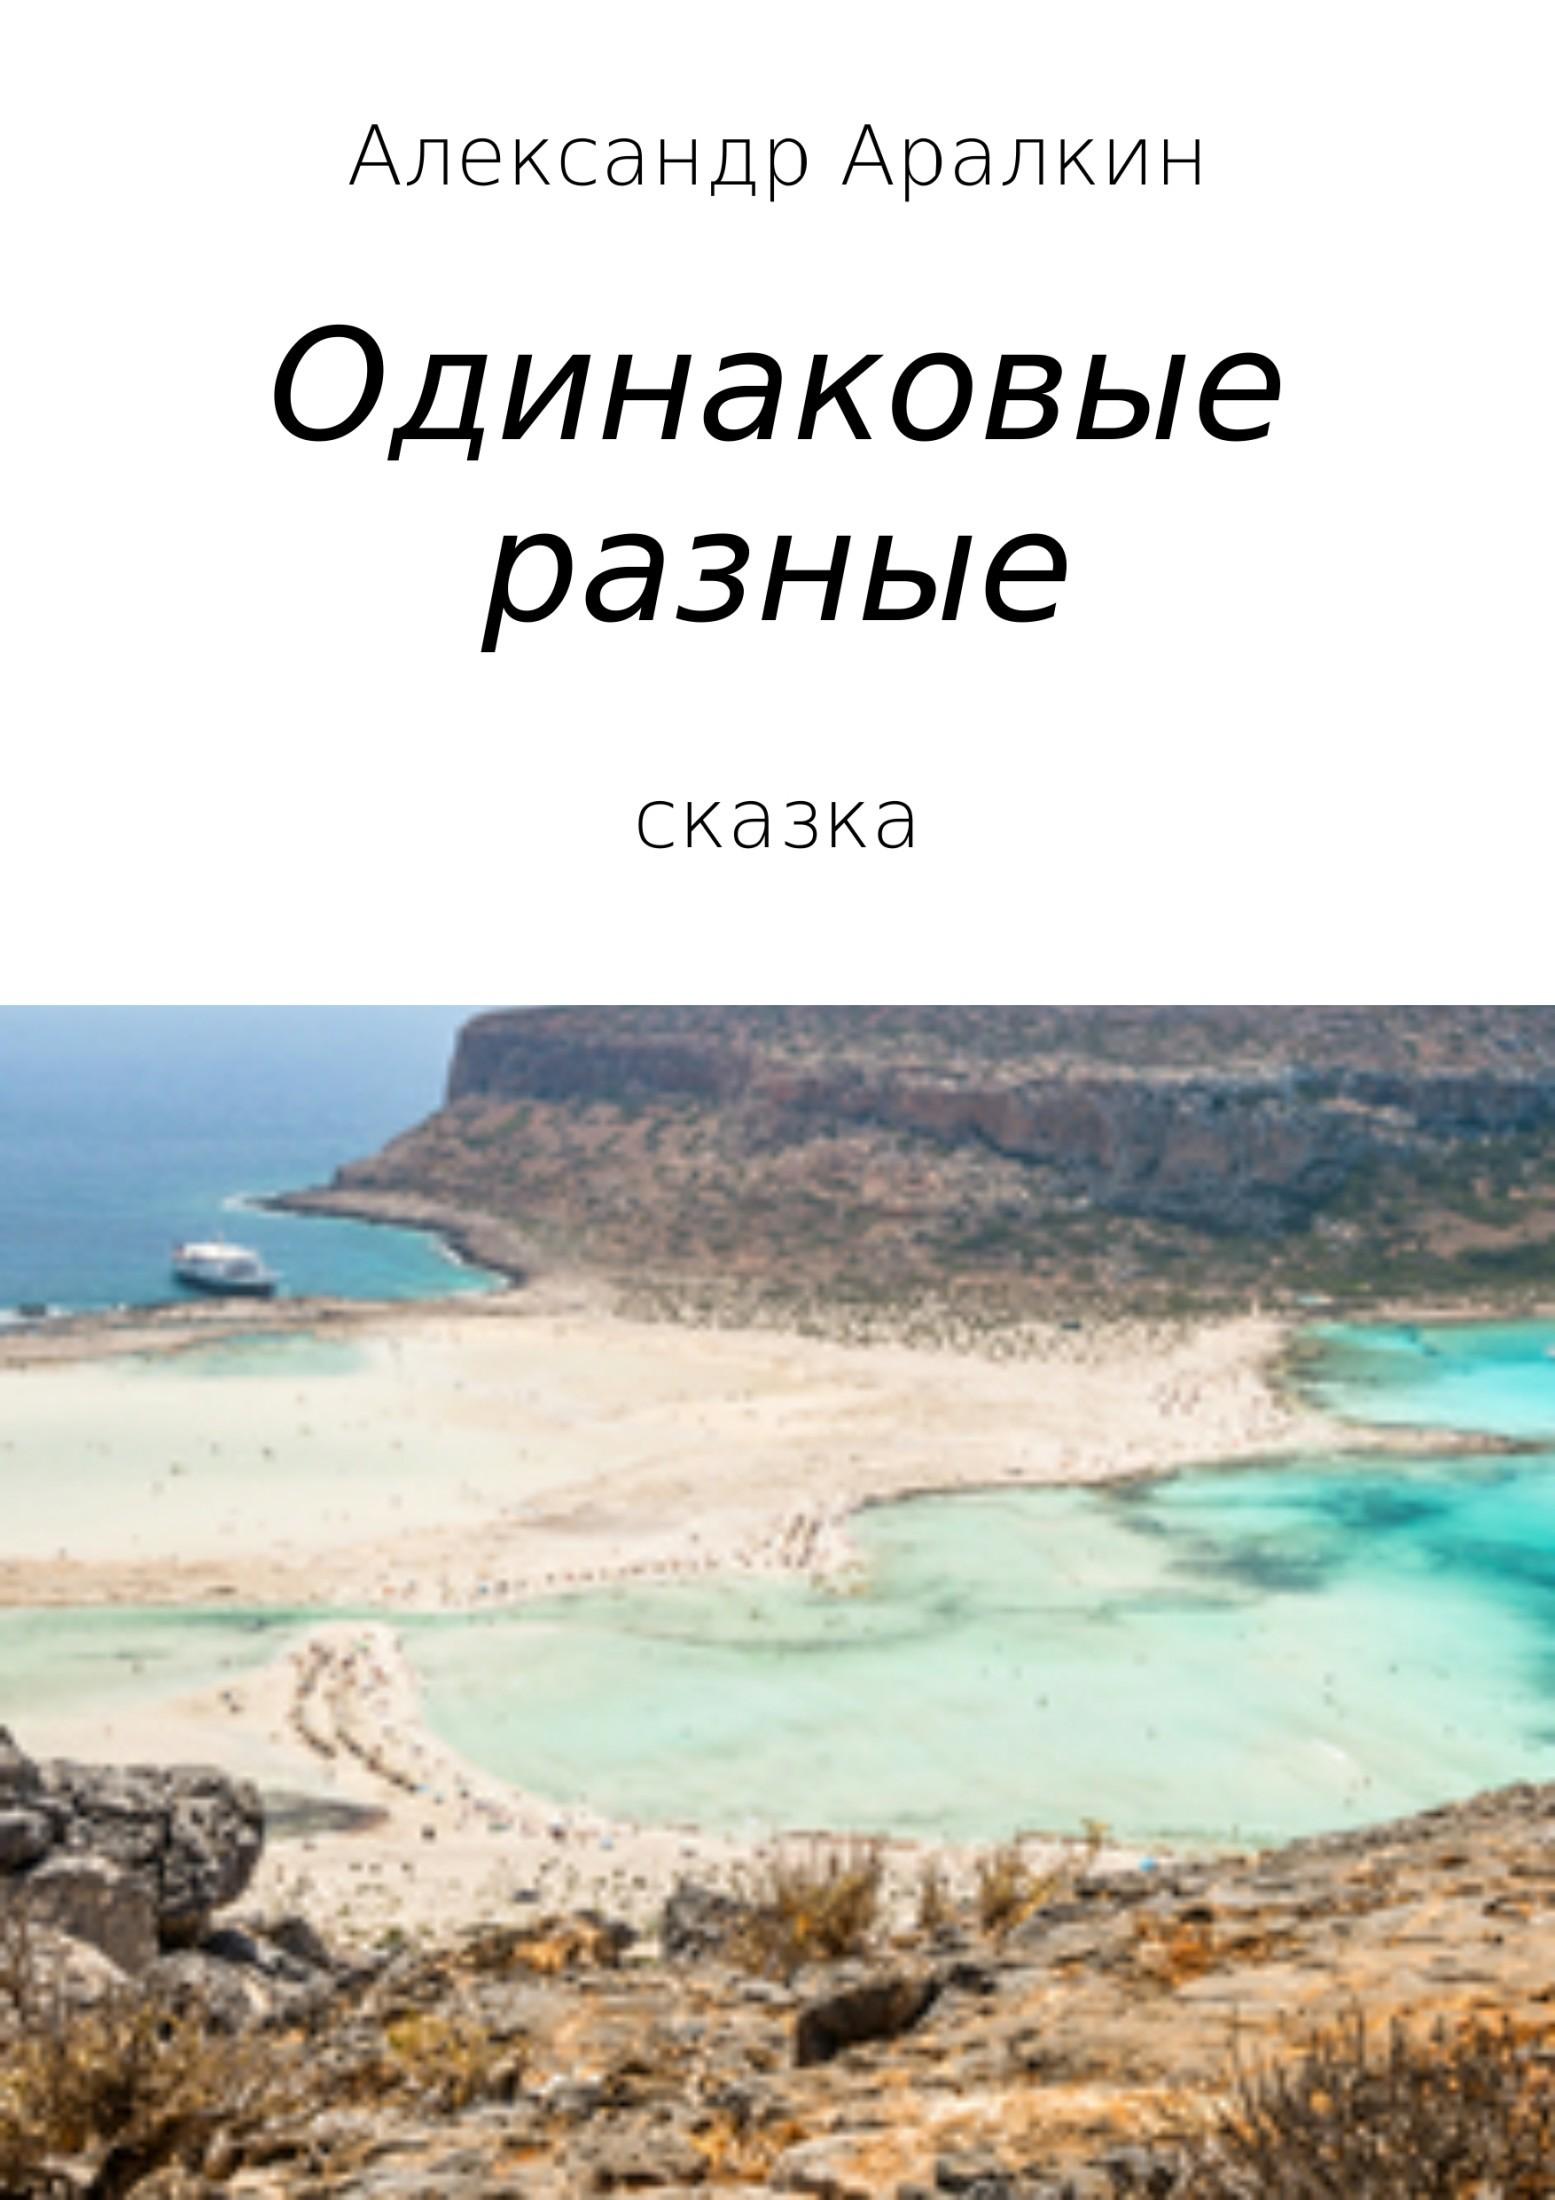 Александр Аралкин - Одинаковые разные